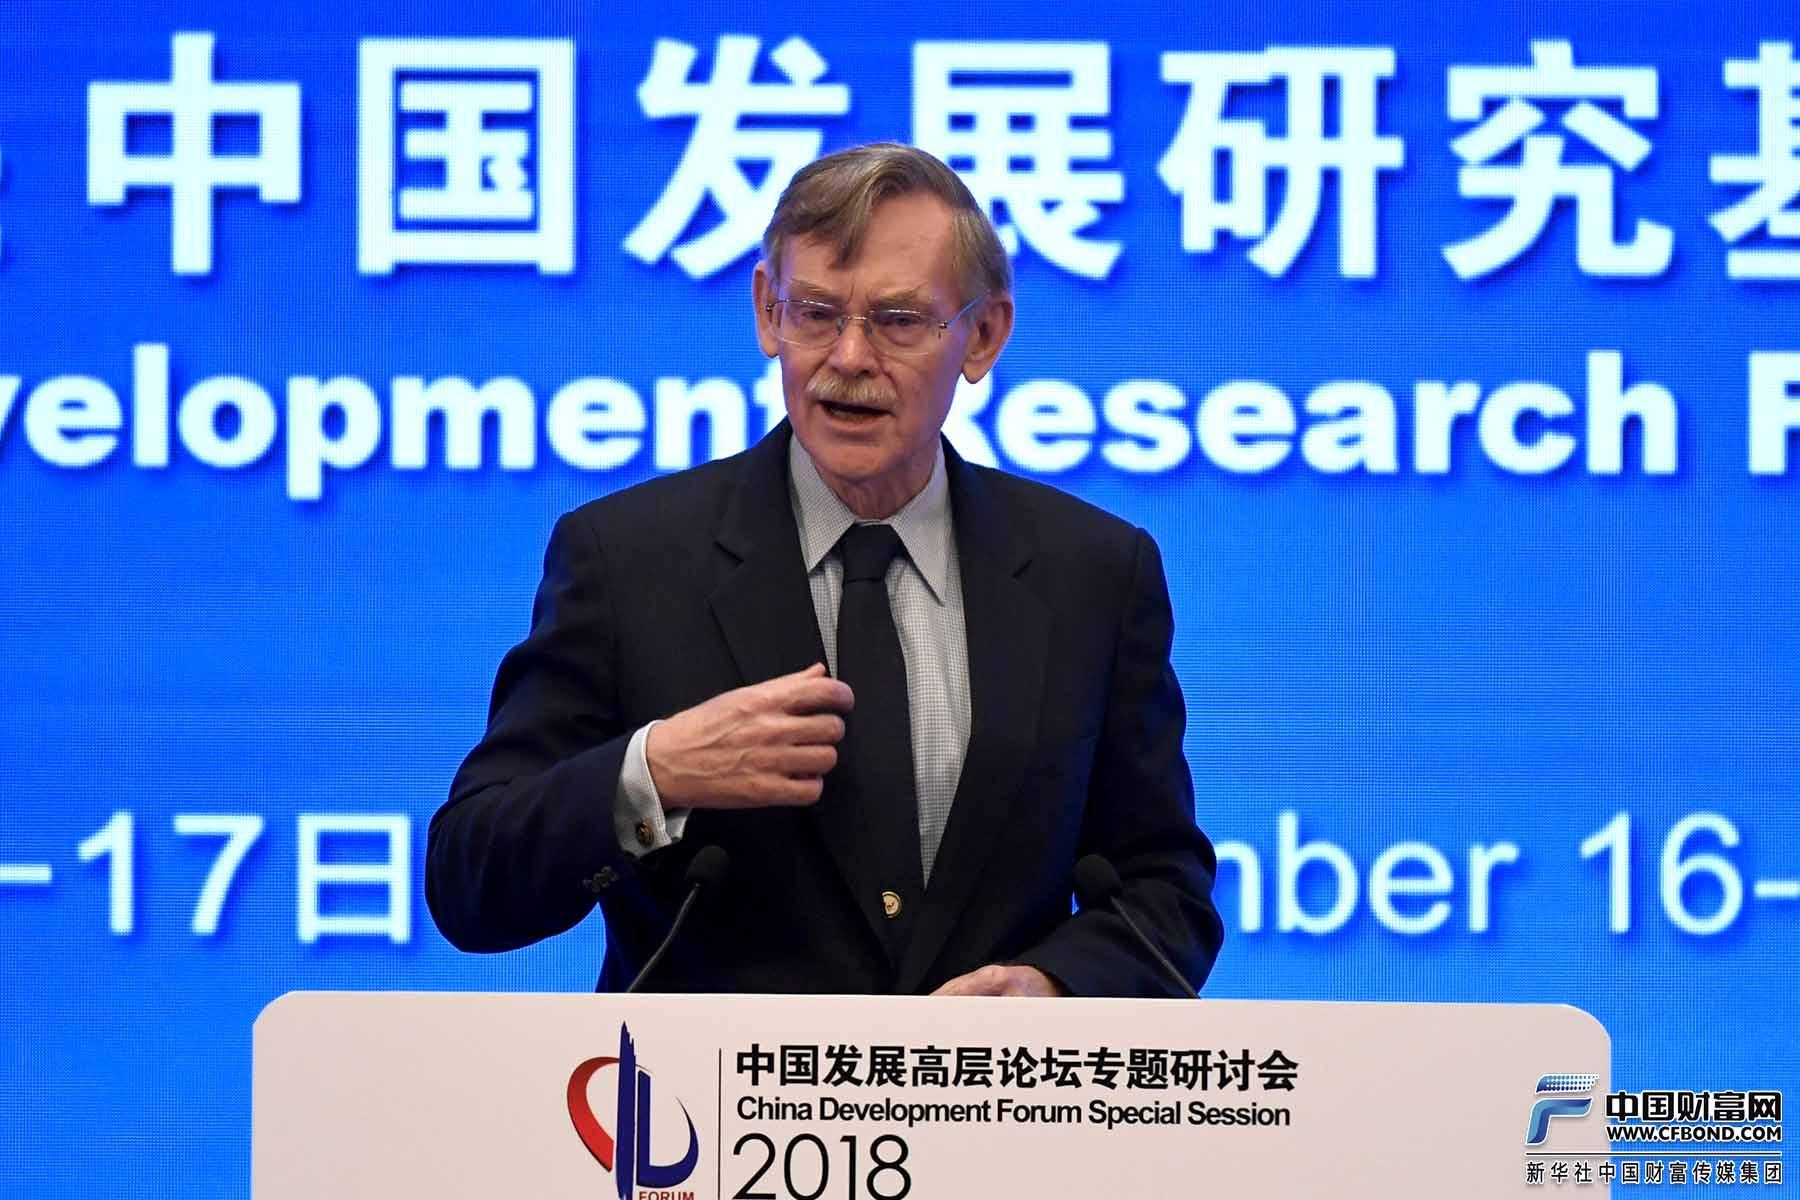 联博基金理事会主席、世界银行前行长佐利克发表演讲